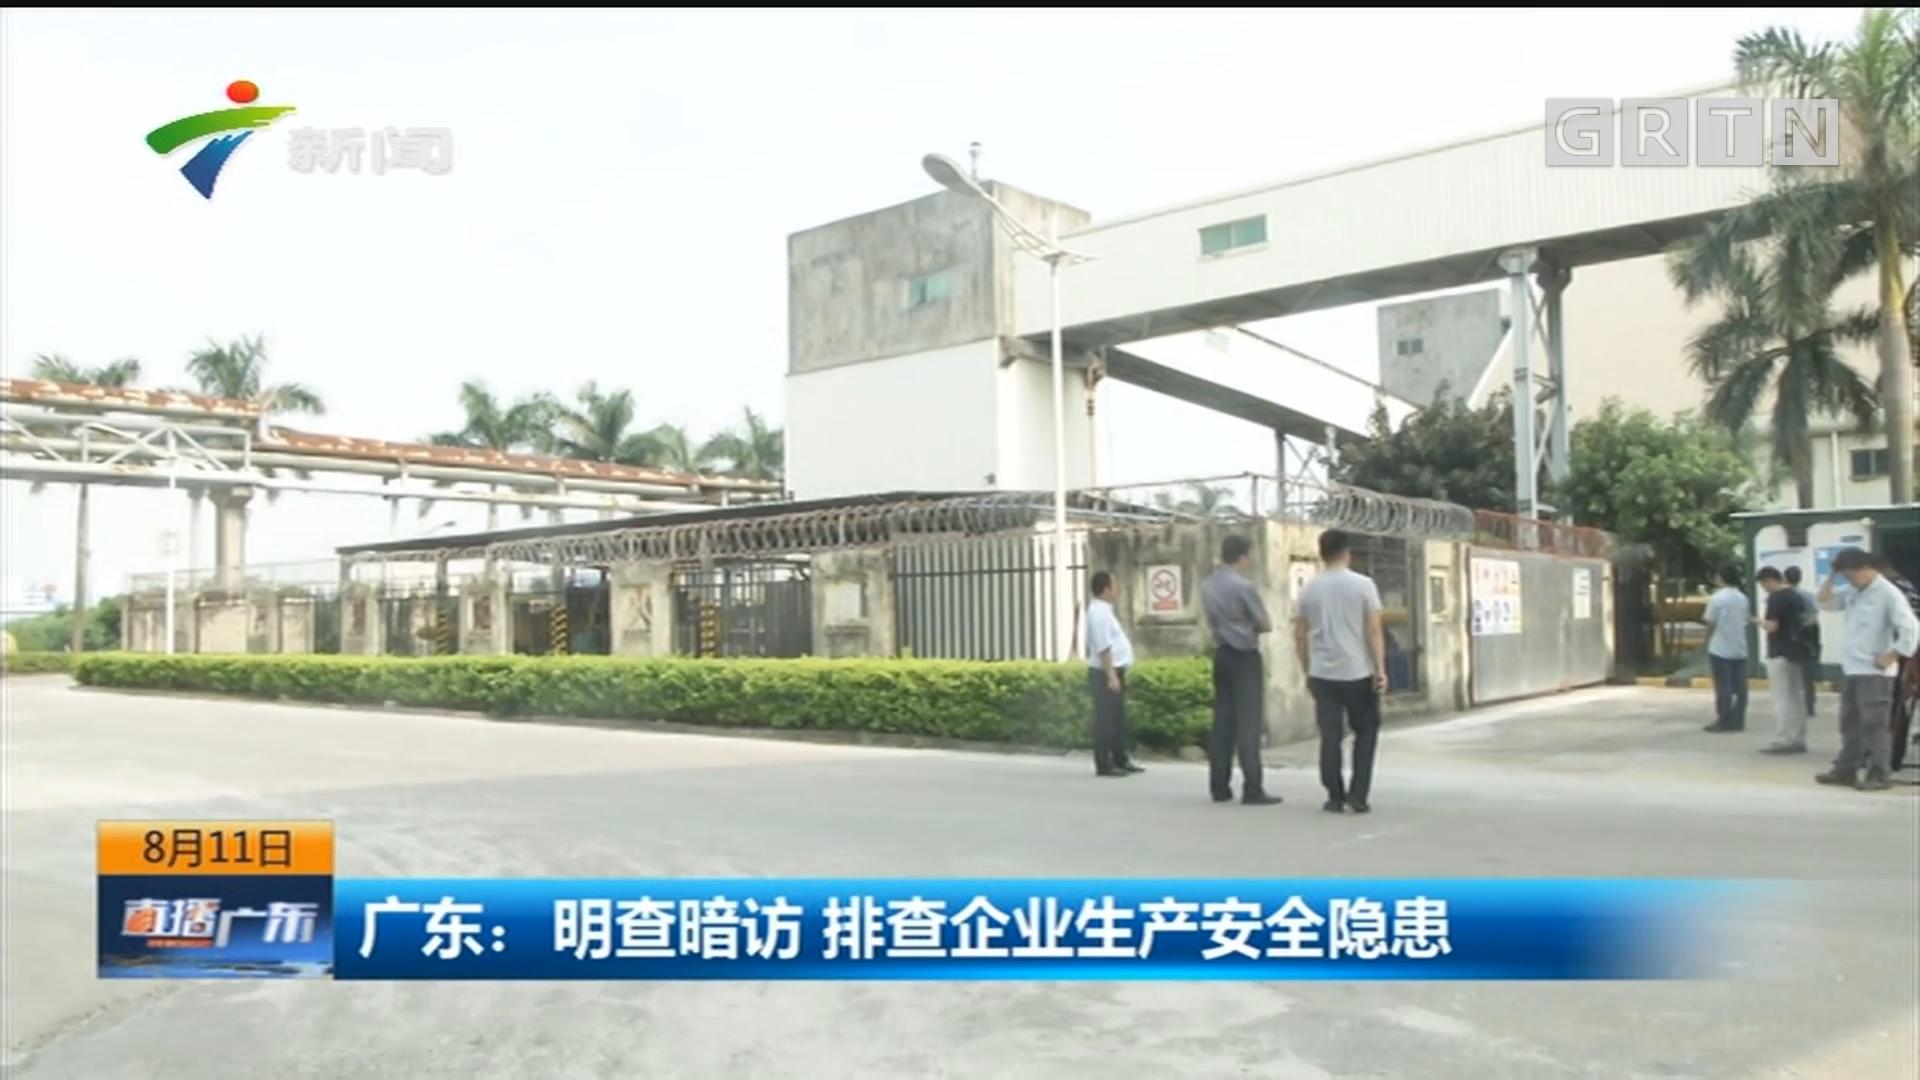 广东:明查暗访 排查企业生产安全隐患